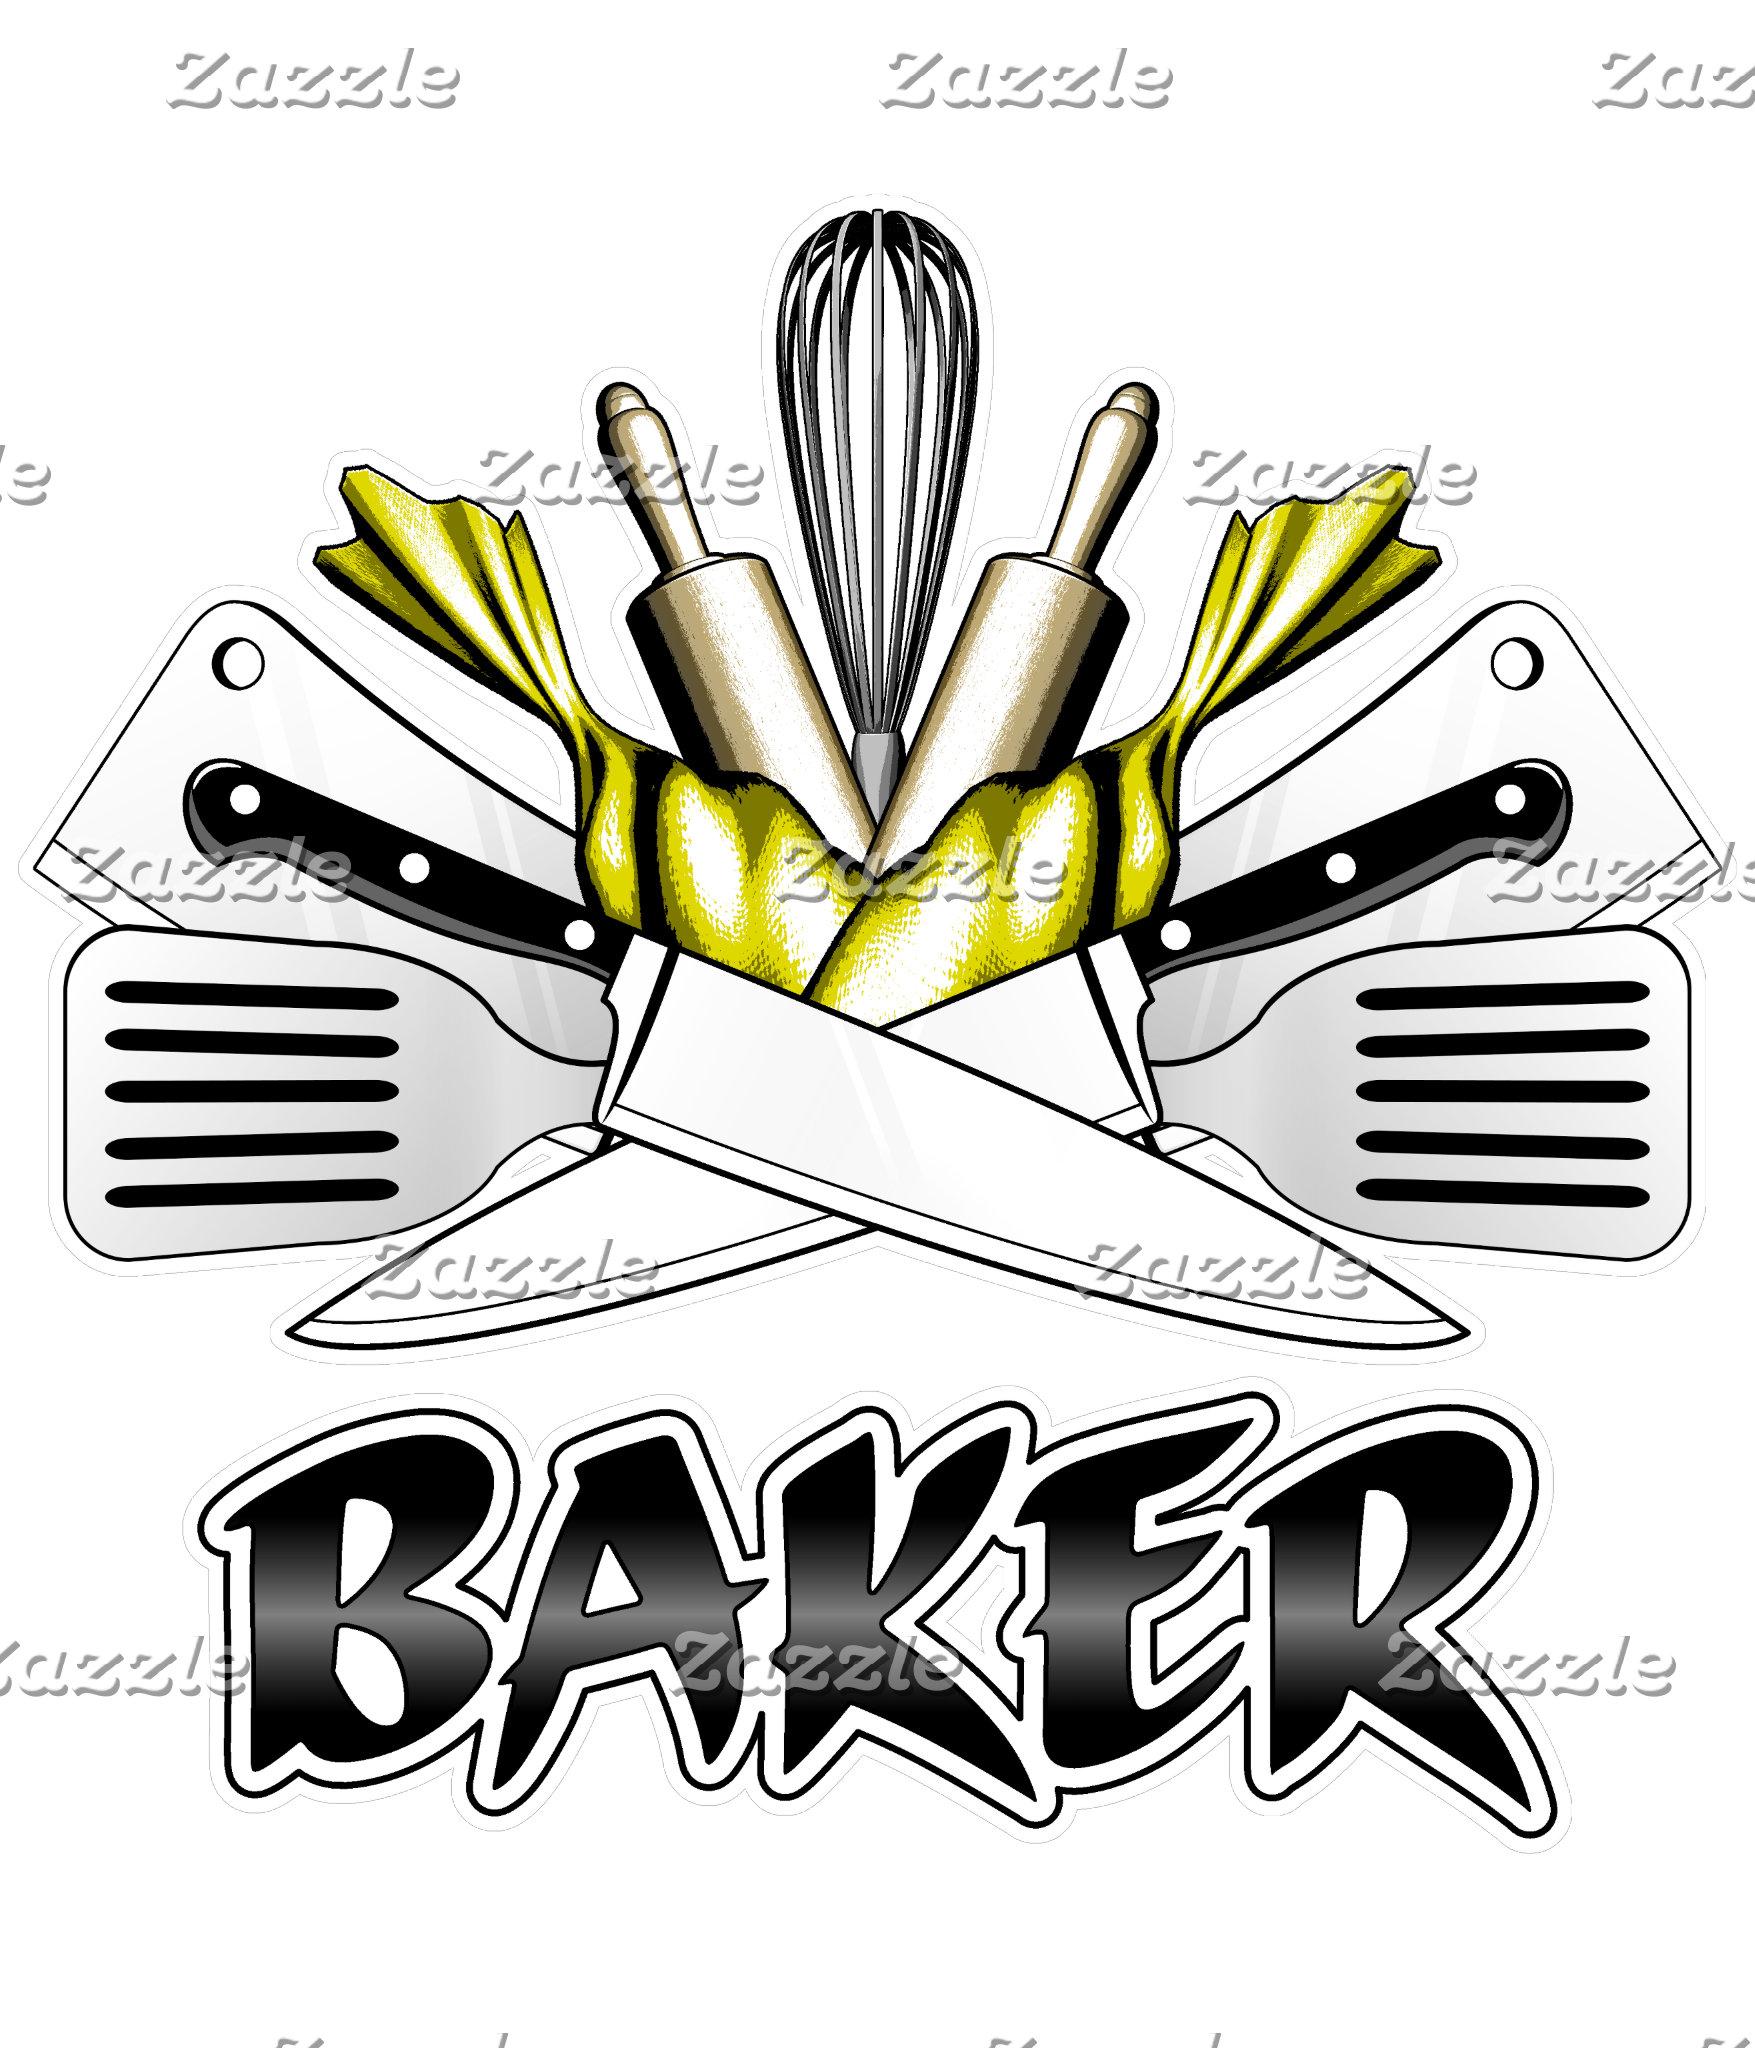 Baker: Cooking Utensils